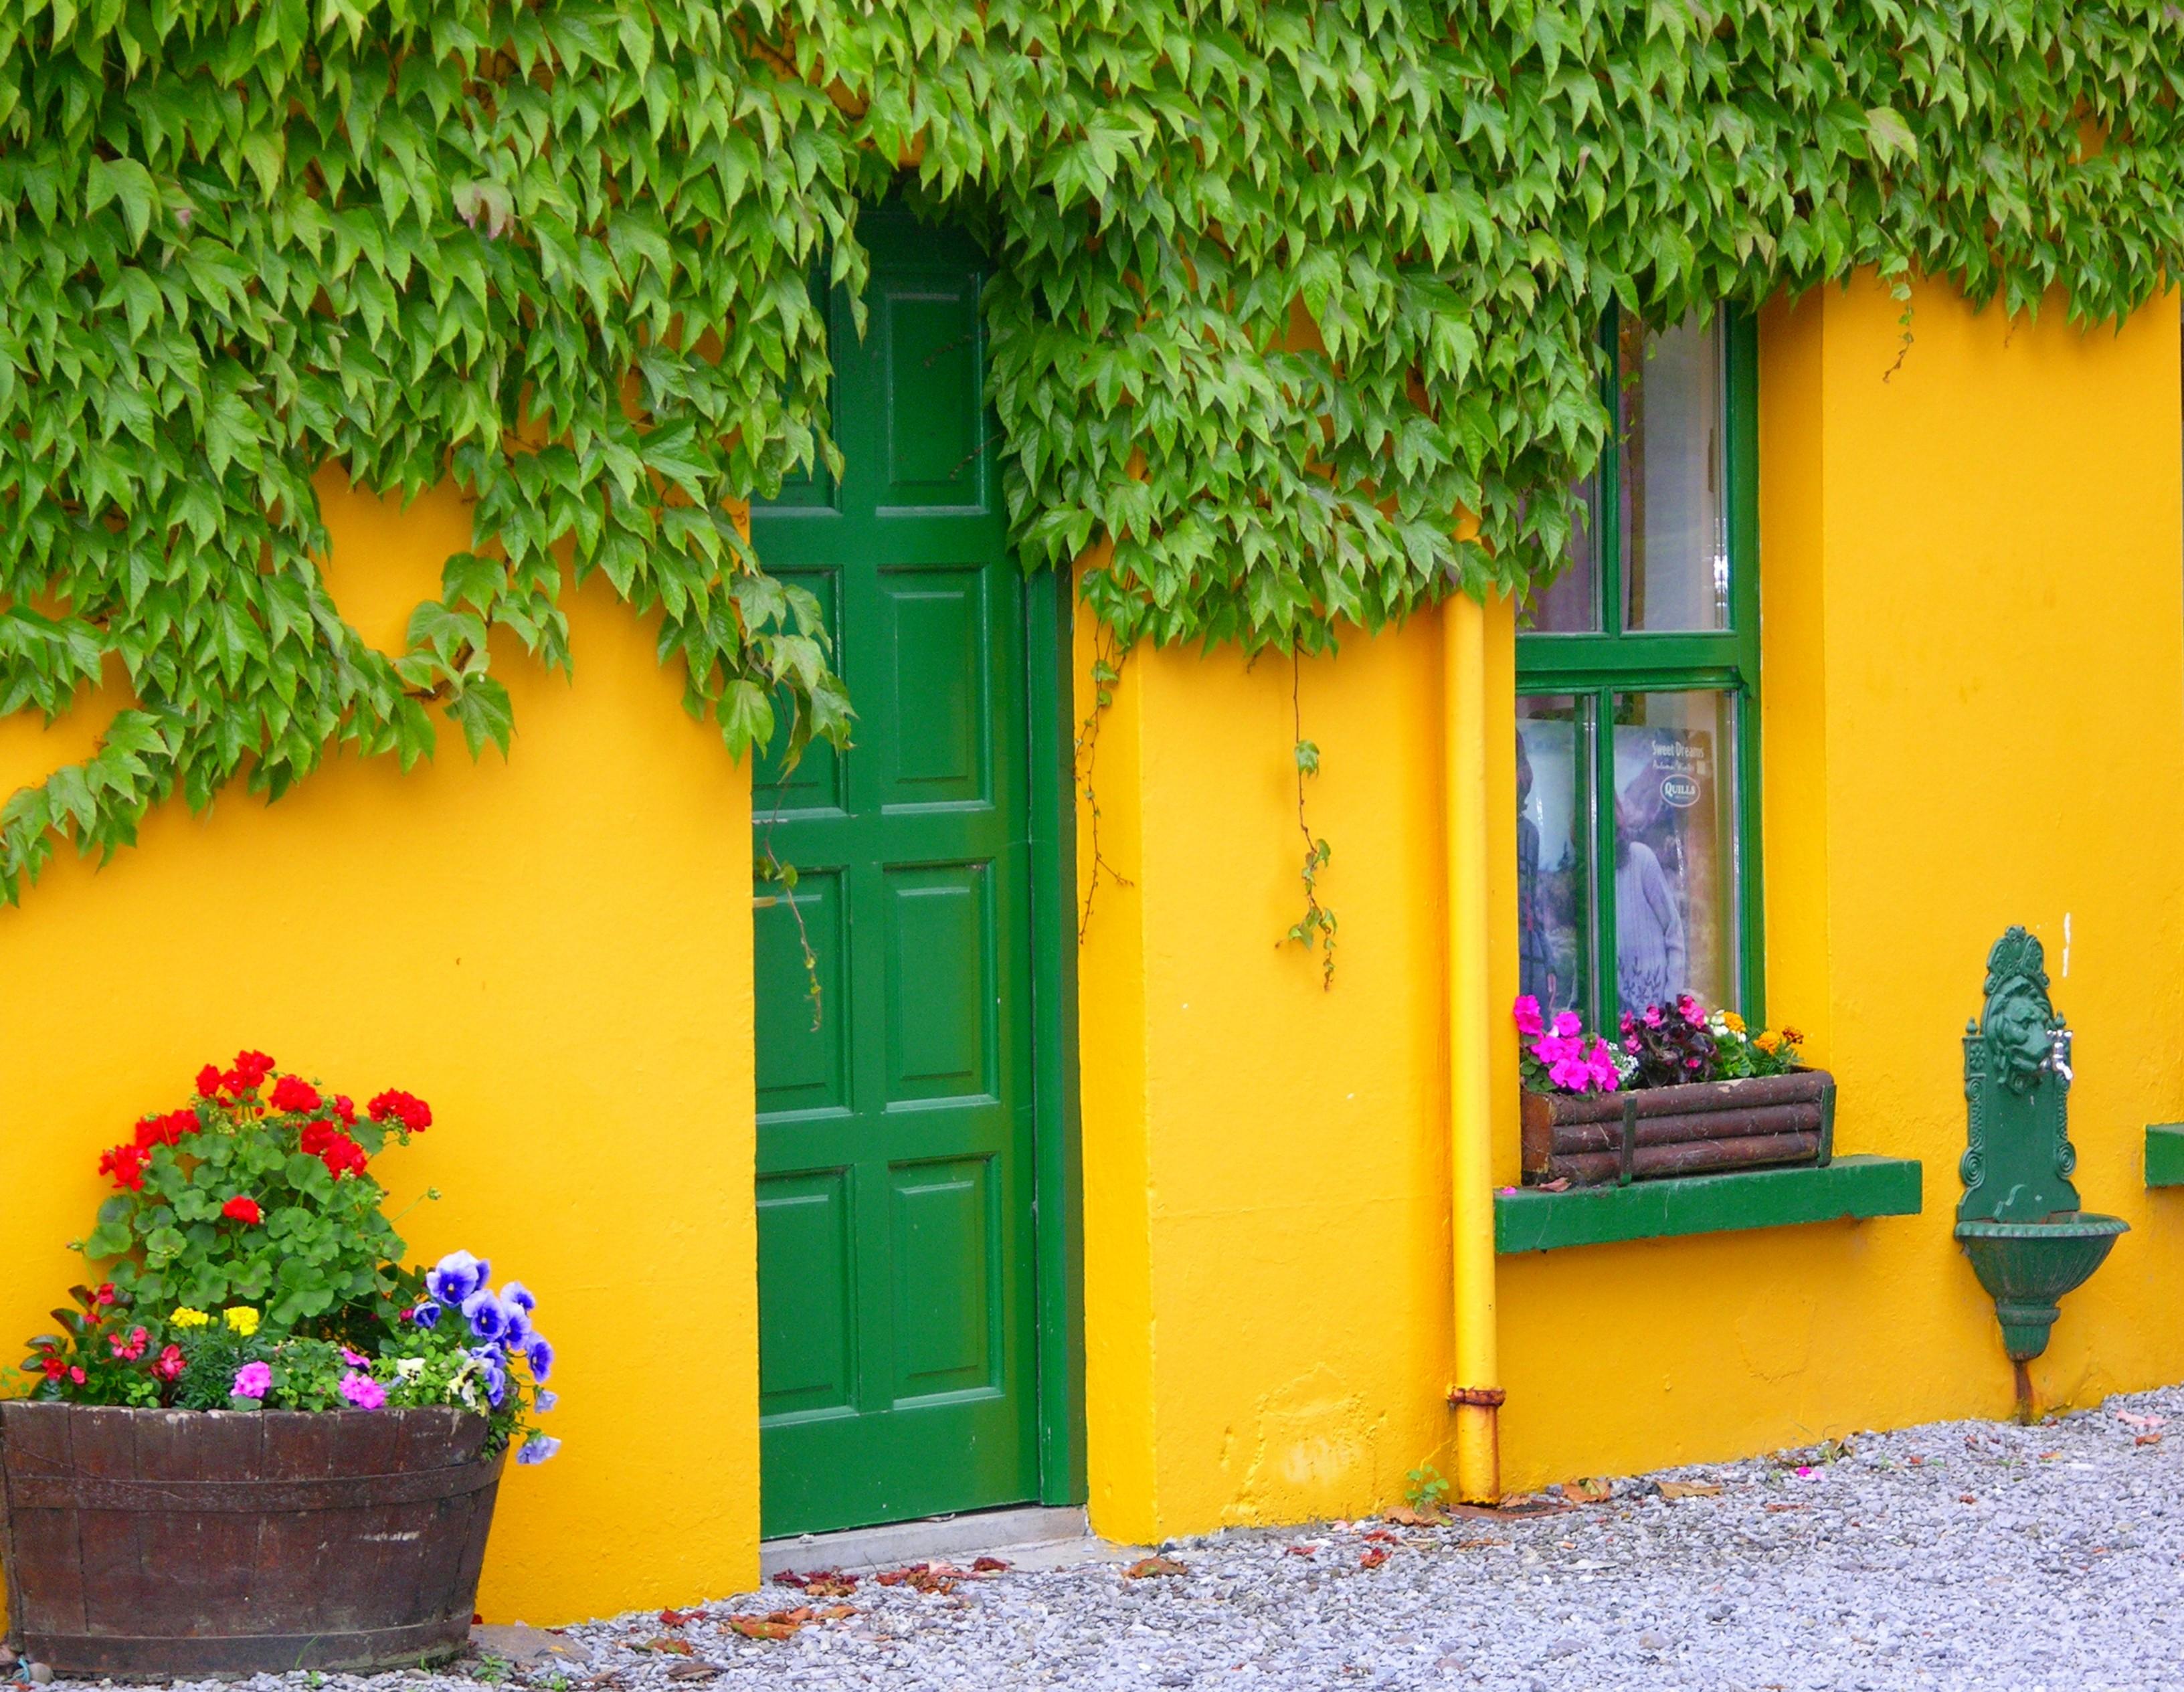 Business plan green house start up nursery new 08